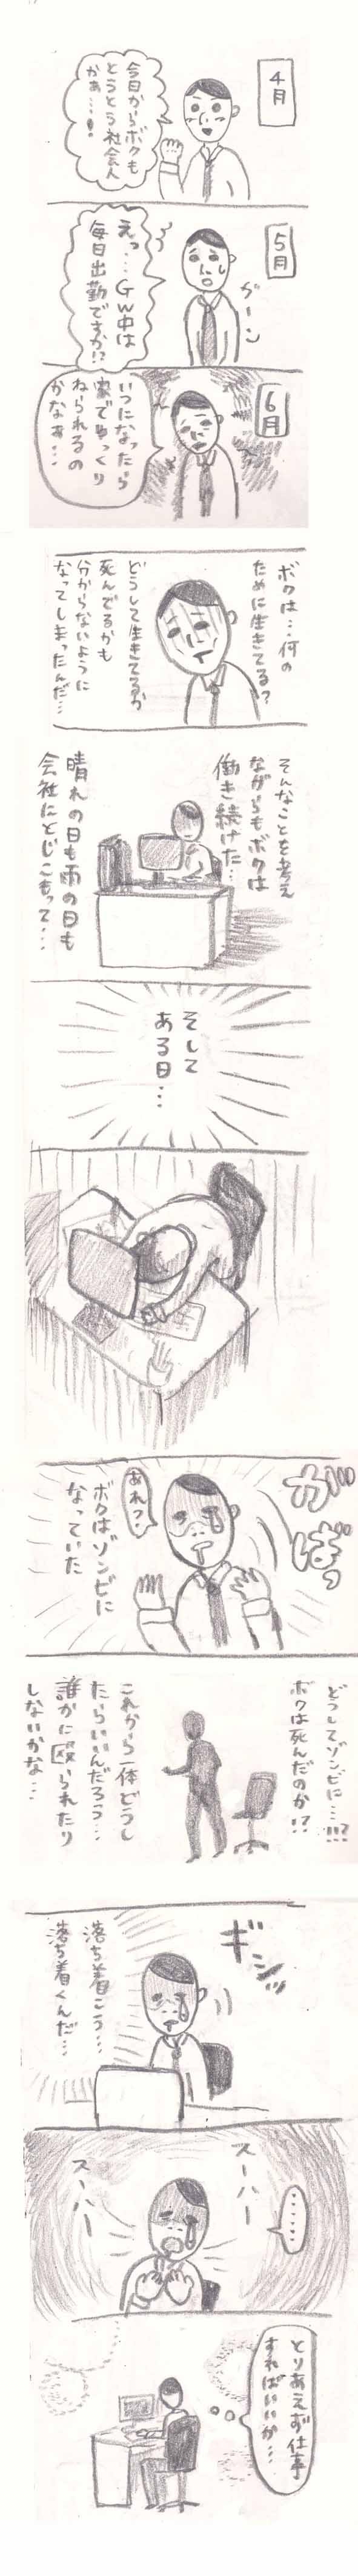 ★ゾンビ漫画1